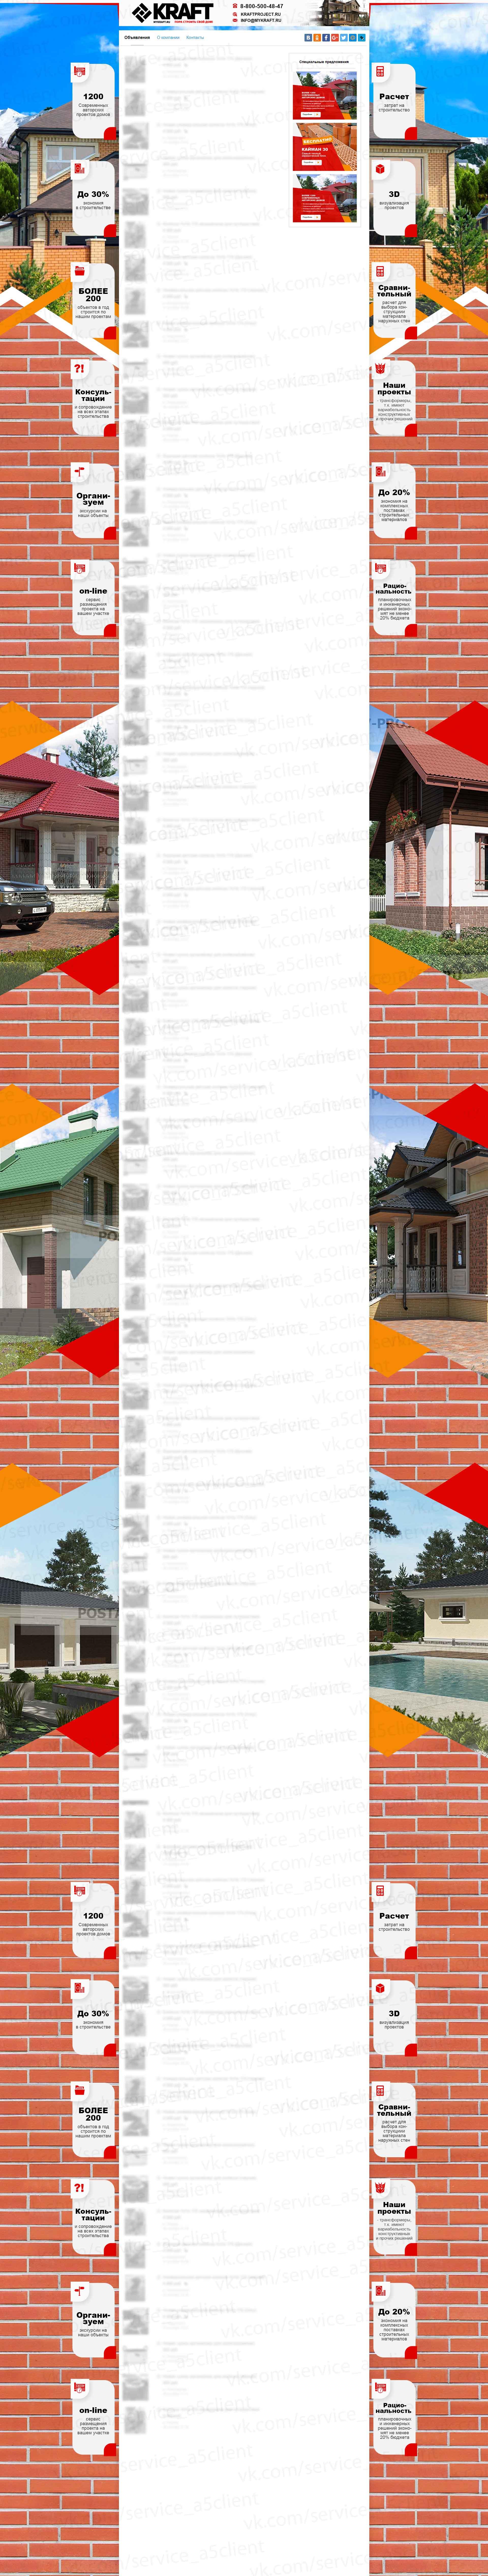 Макет Авито-магазина по стройке домов